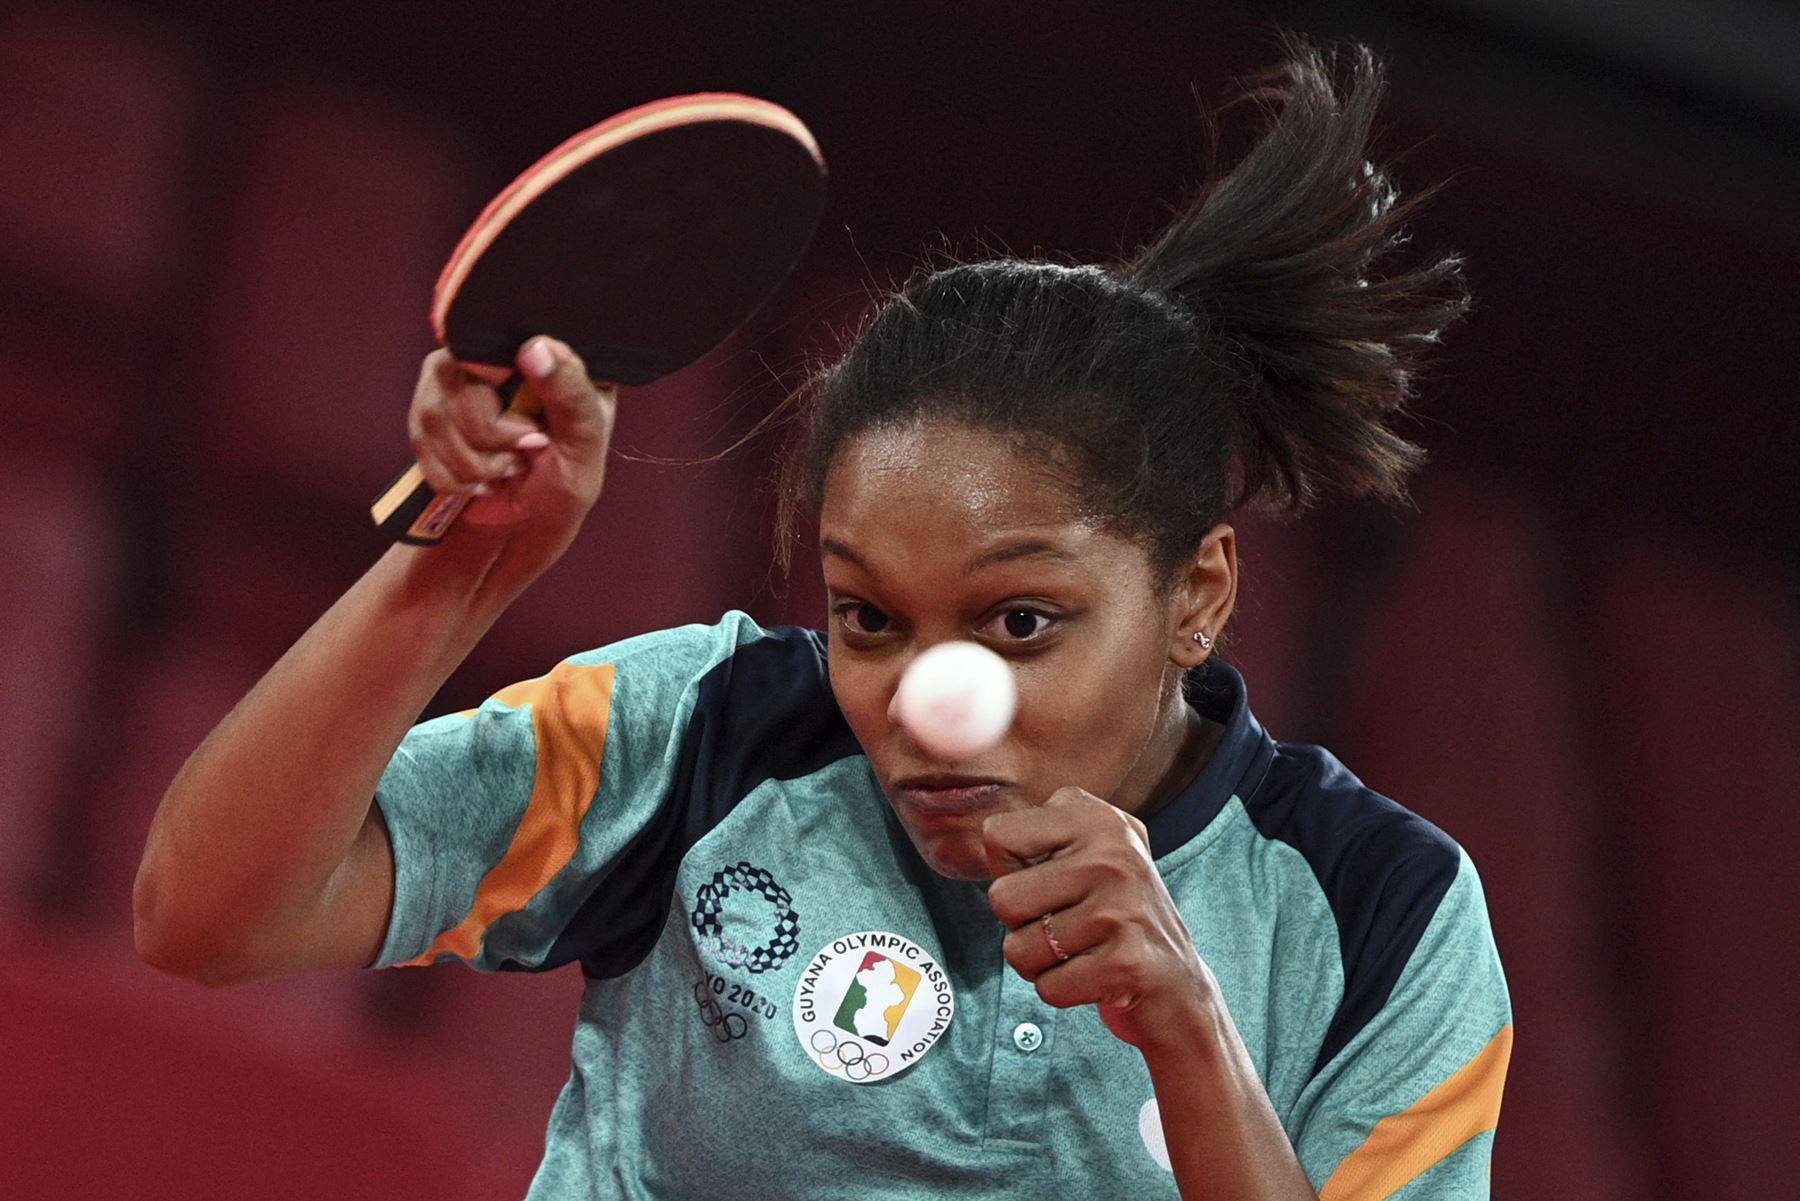 Chelsea Edghill de Guyana dispara contra Sally Yee de Fiyi durante su partido de tenis de mesa de la ronda preliminar de mujeres, en el Gimnasio Metropolitano de Tokio, durante los Juegos Olímpicos de Tokio 2020. Foto: AFP